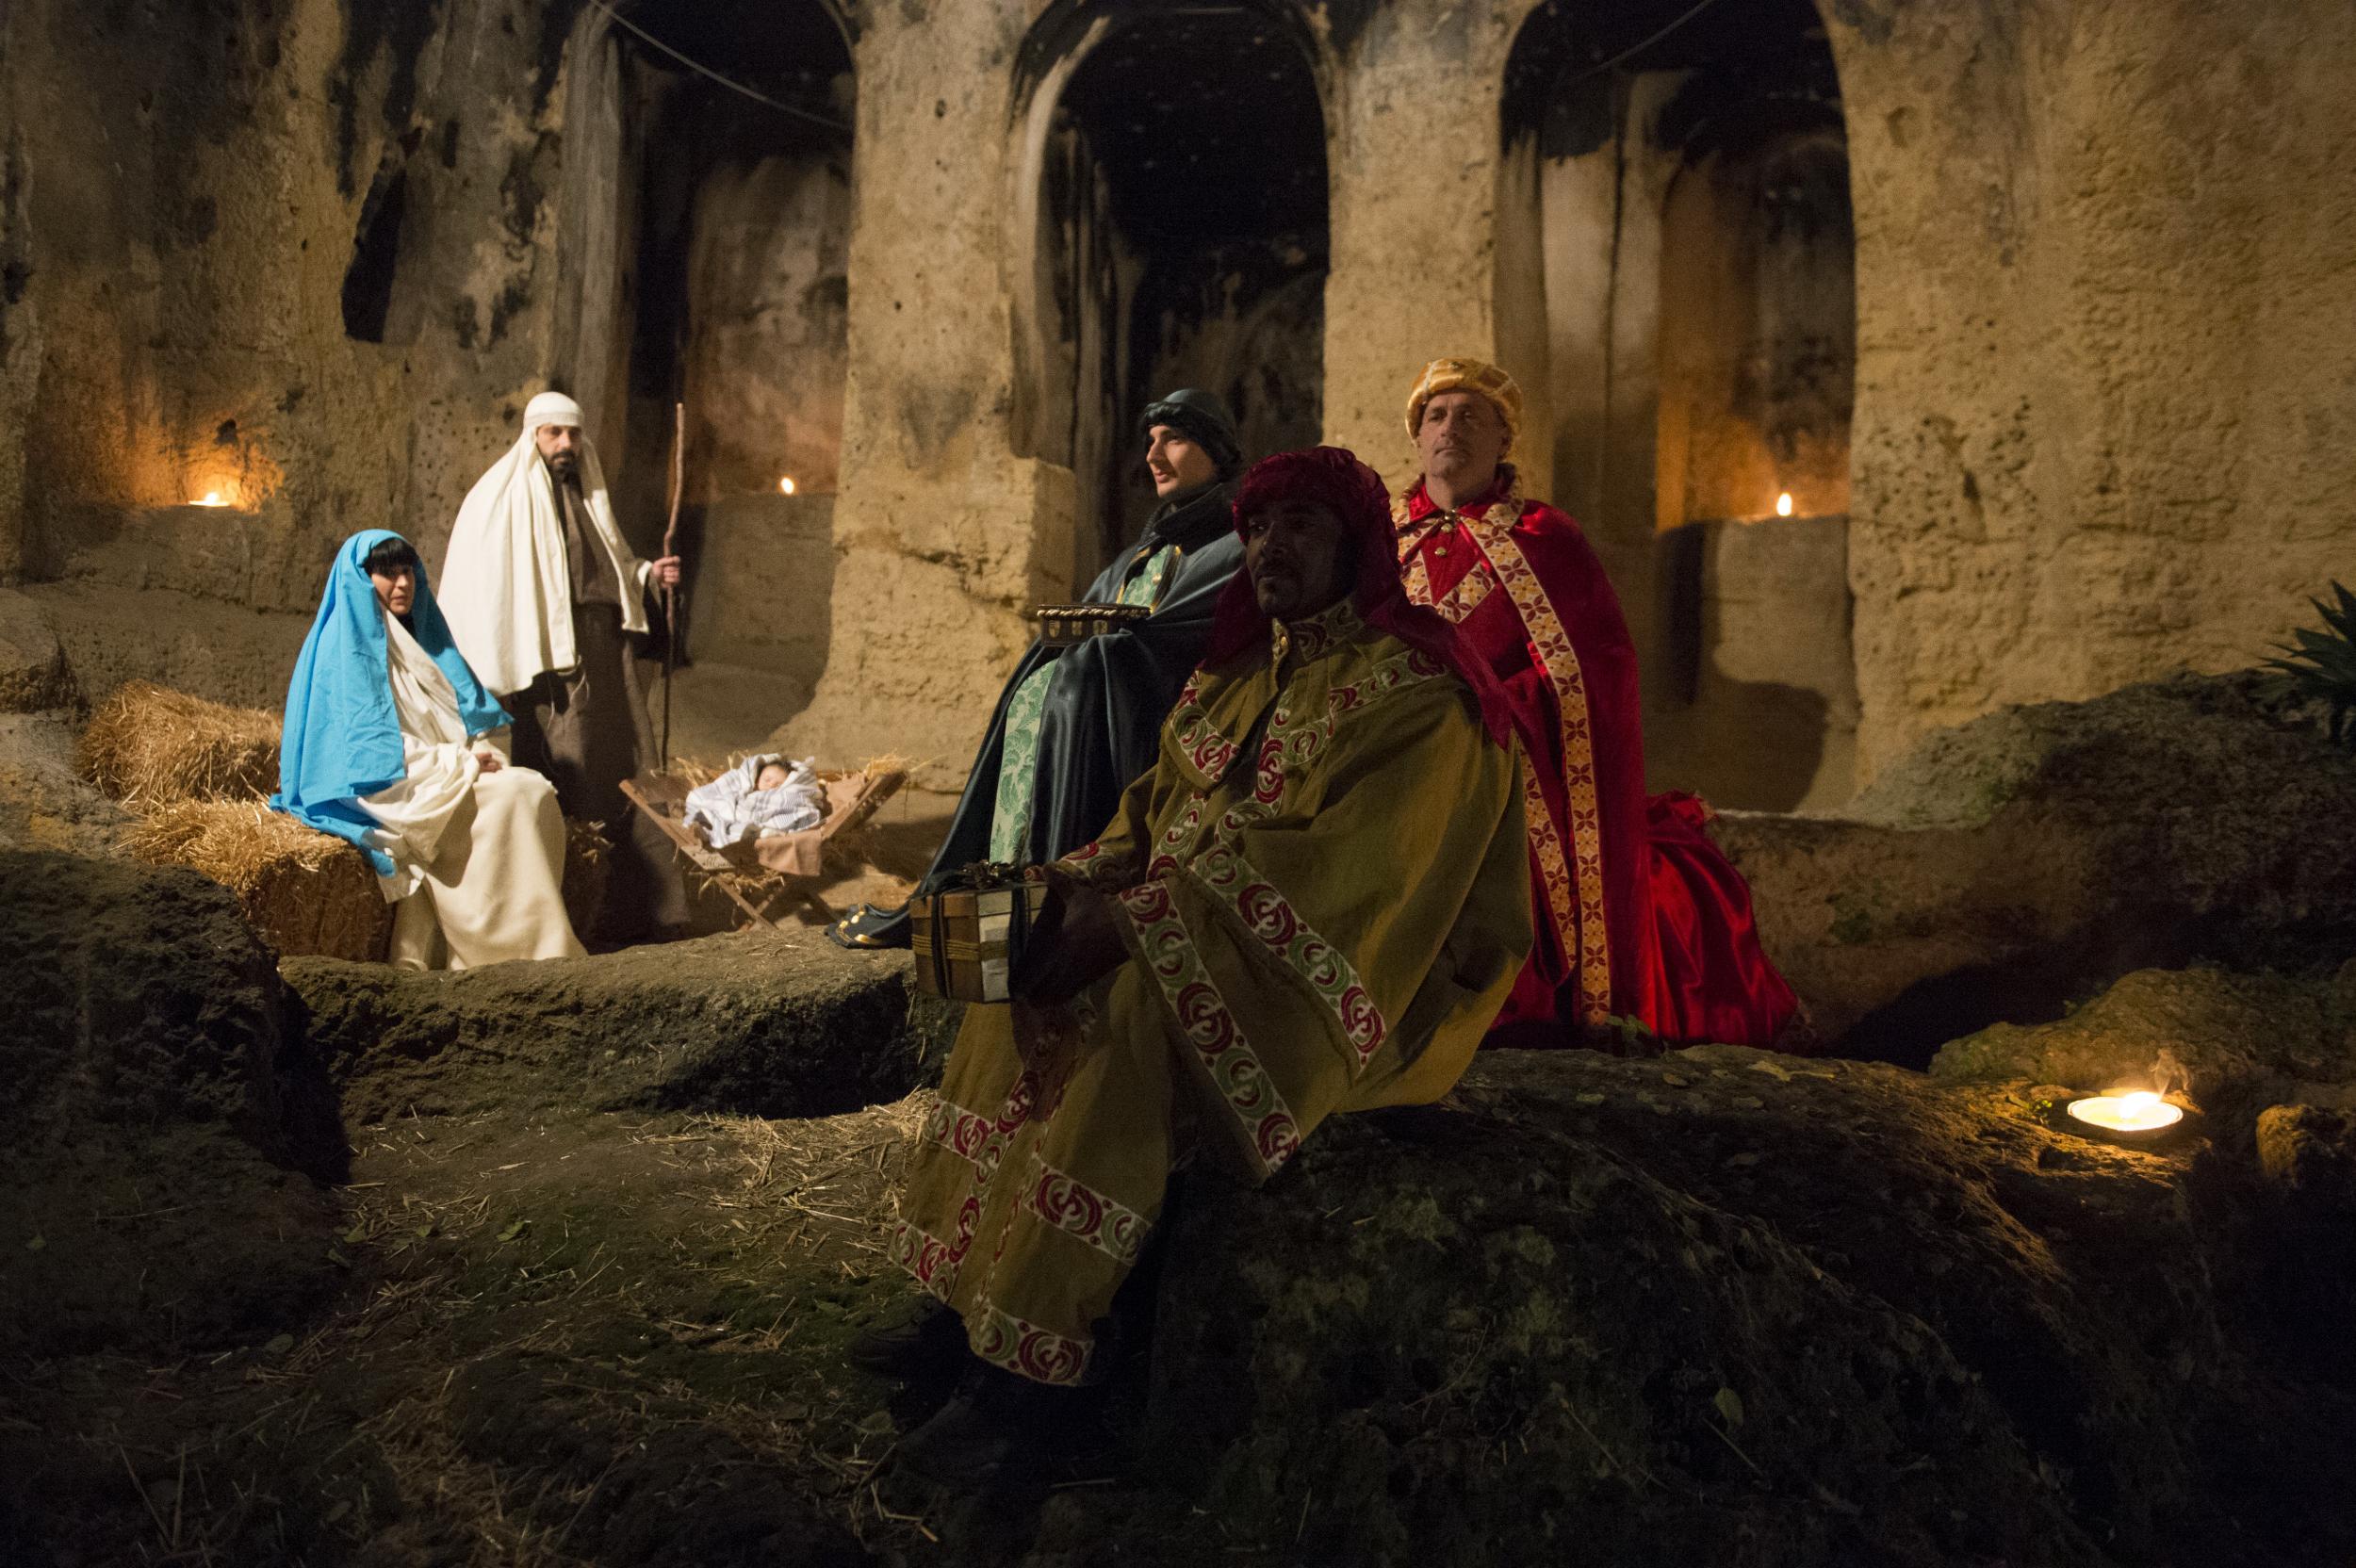 Risultati immagini per presepe vivente medievale Martina franca